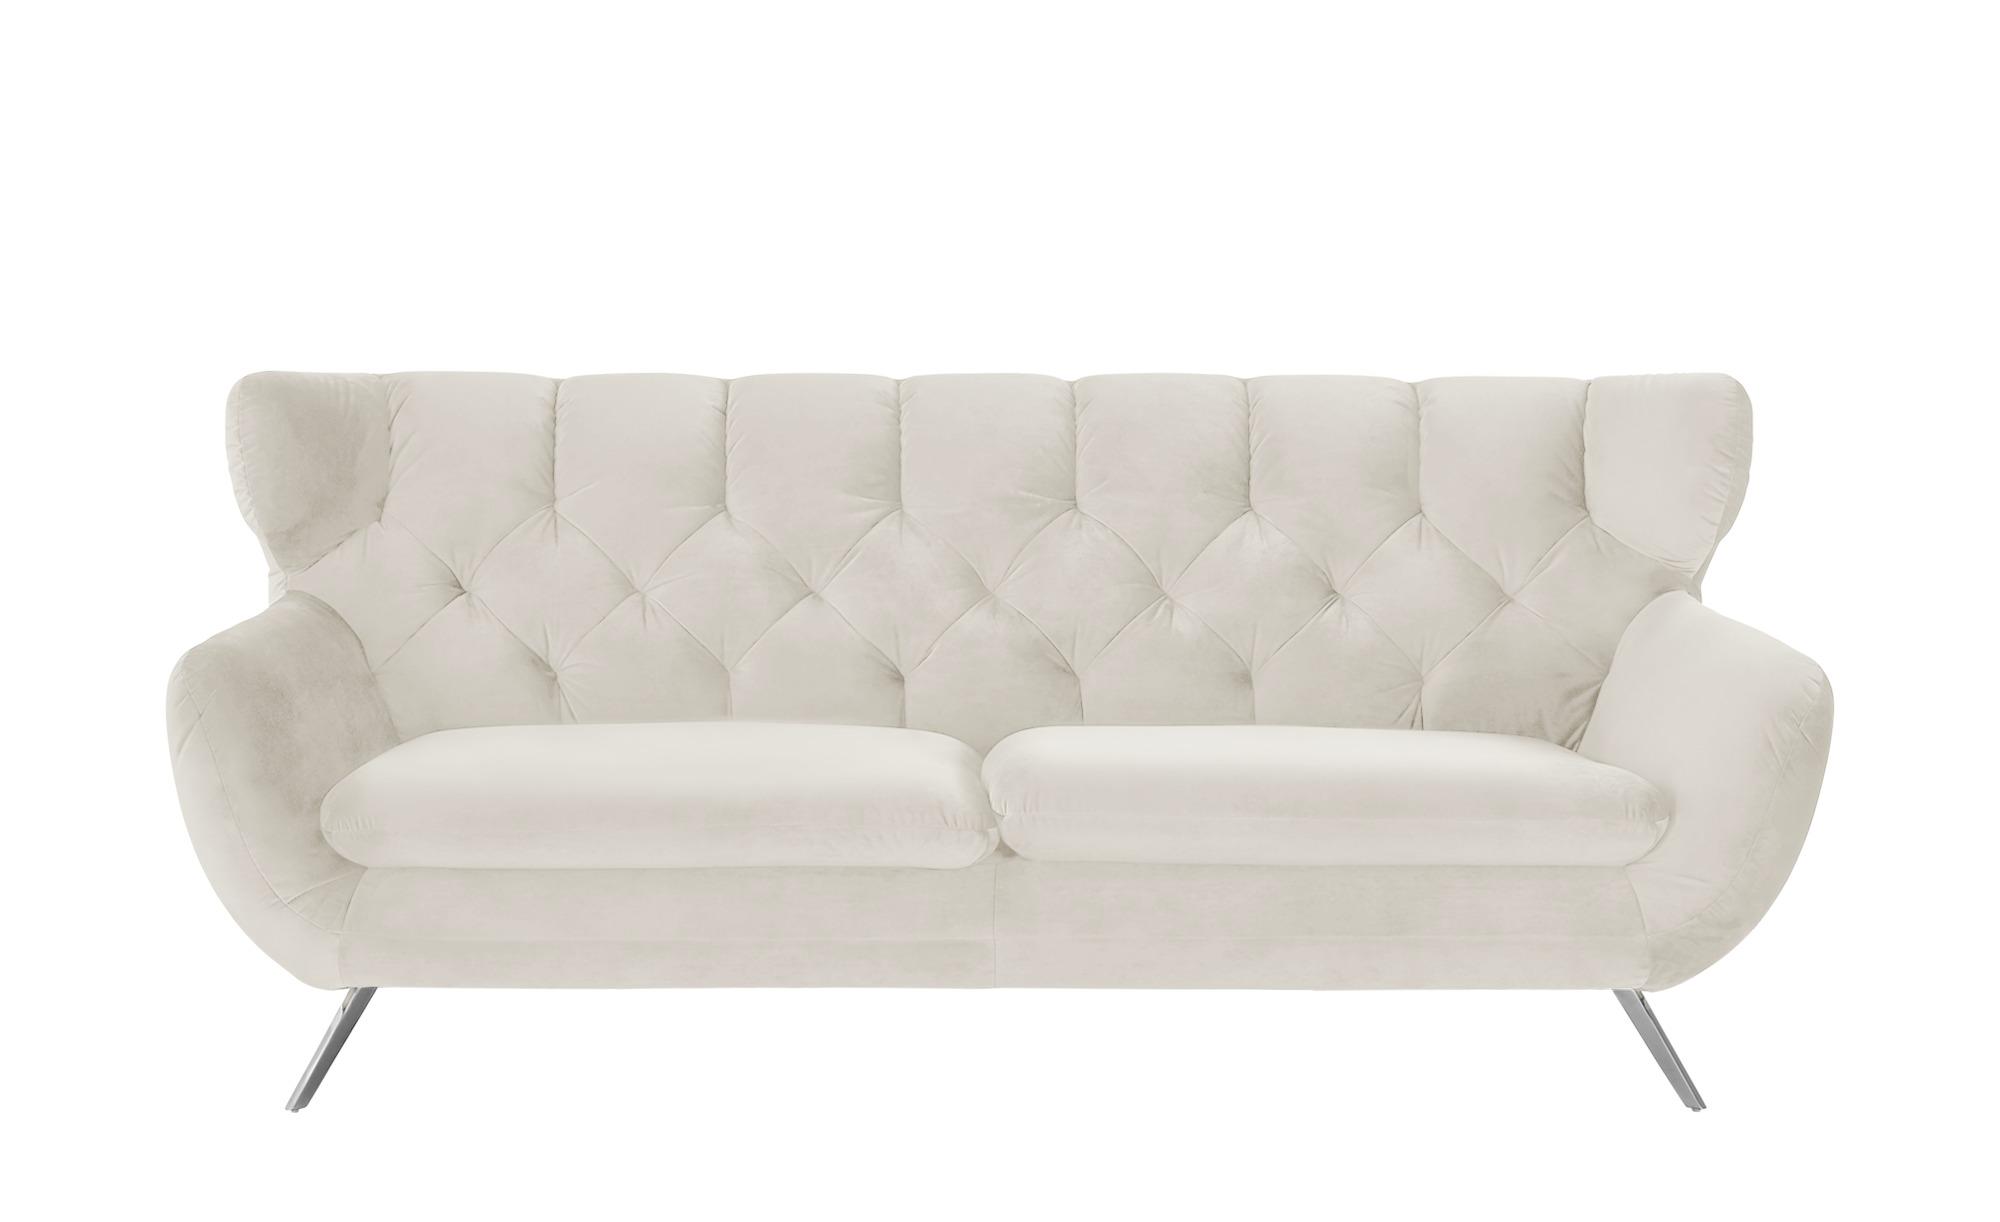 Kunstleder Couch Gunstig Kaufen Wohnzimmer Couch Leder Sofa 2 Sitzer Modern Wohnlandschaft Ecksofa Couch Leder Schwar Couch Gunstig Kunstleder Couch Sofa